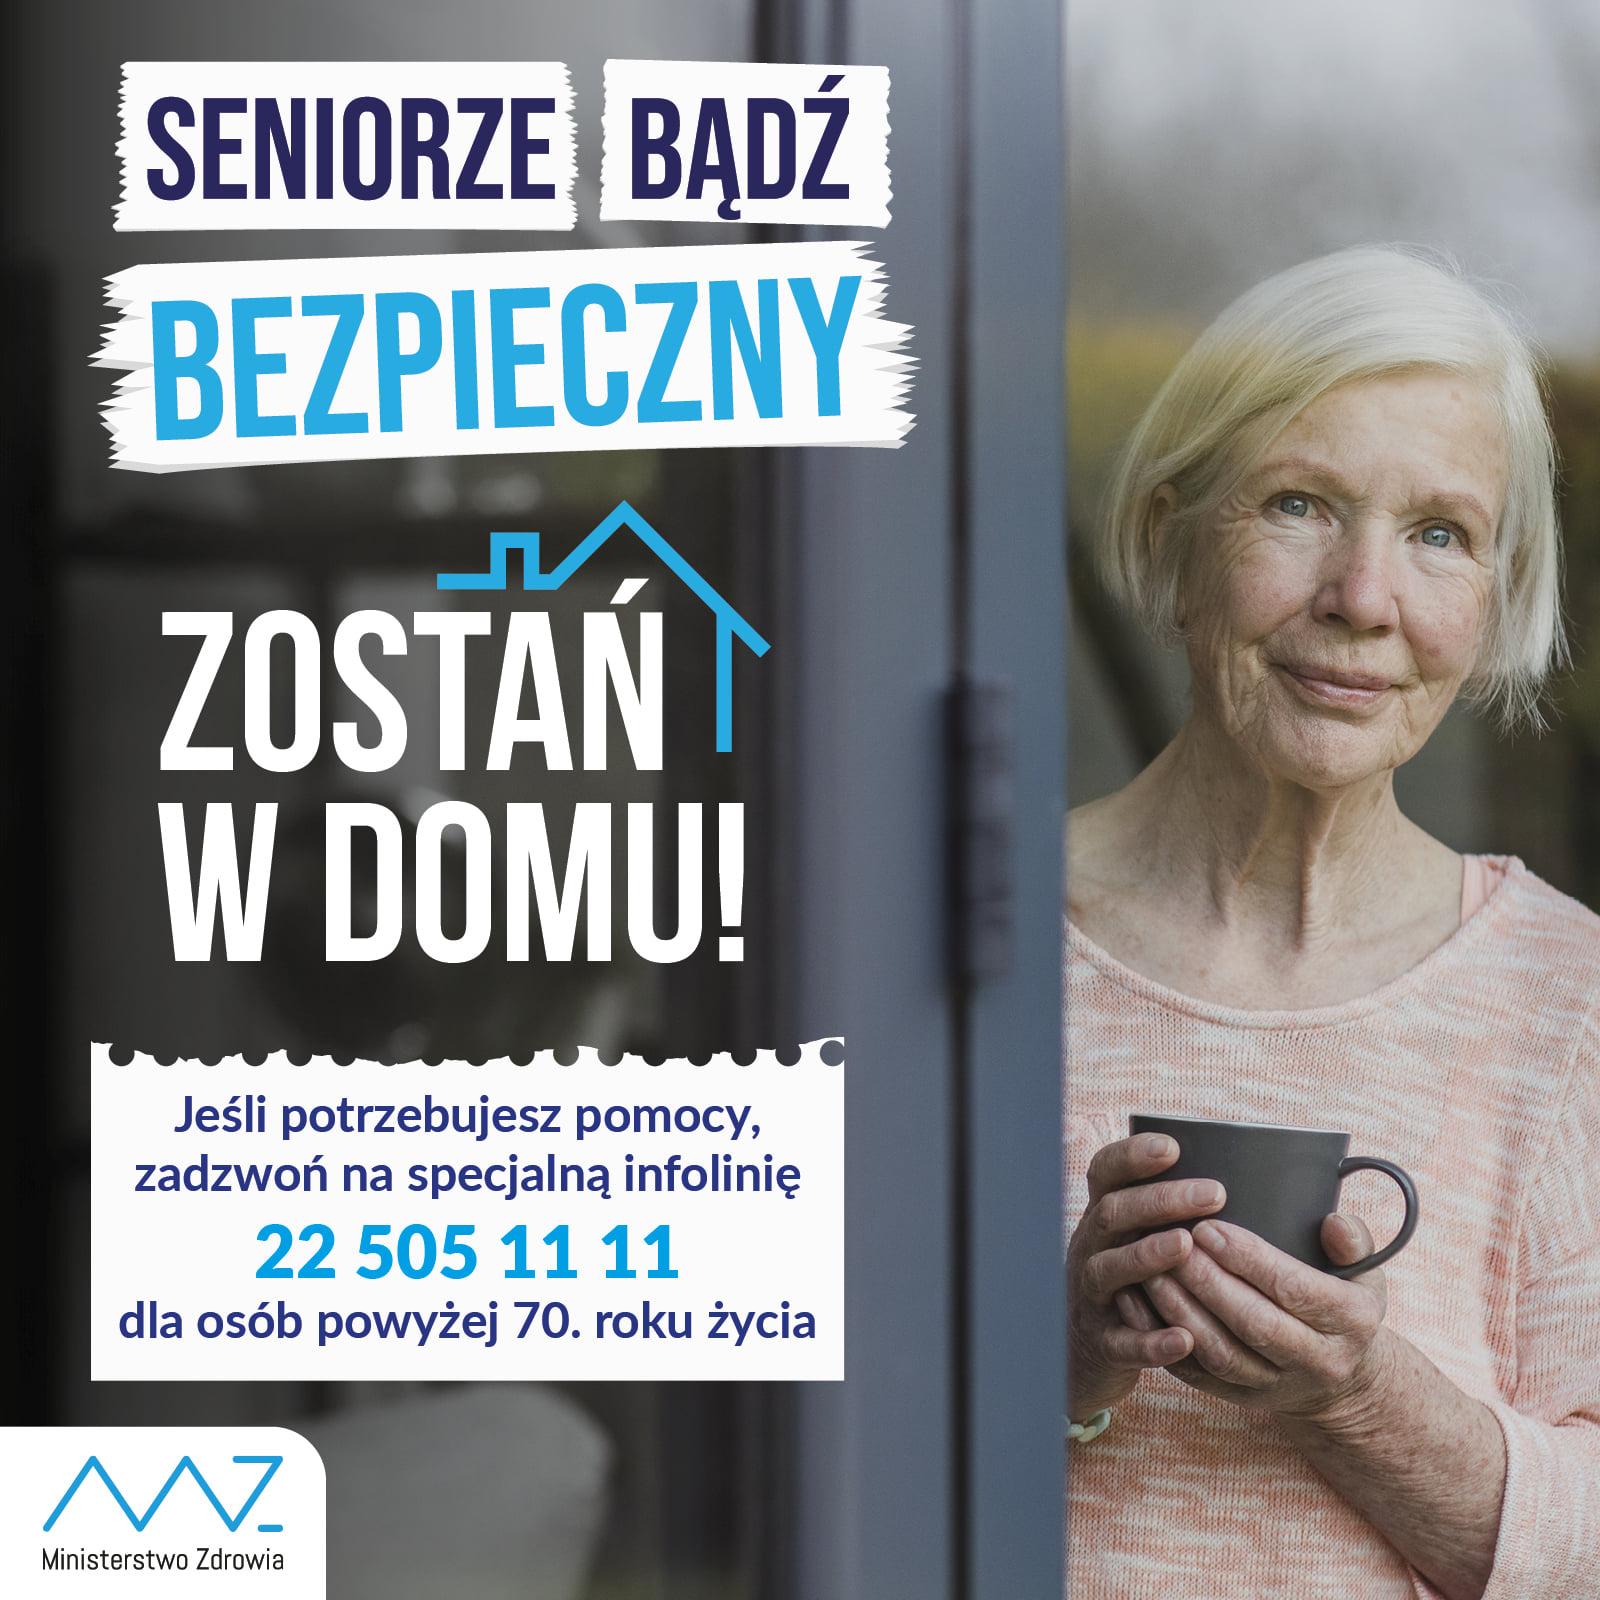 seniorze zostań w domu  Jesteś seniorem lub masz wśród bliskich osobę starszą? Dowiedz się, gdzie możesz zwrócić się o pomoc w czasie pandemii